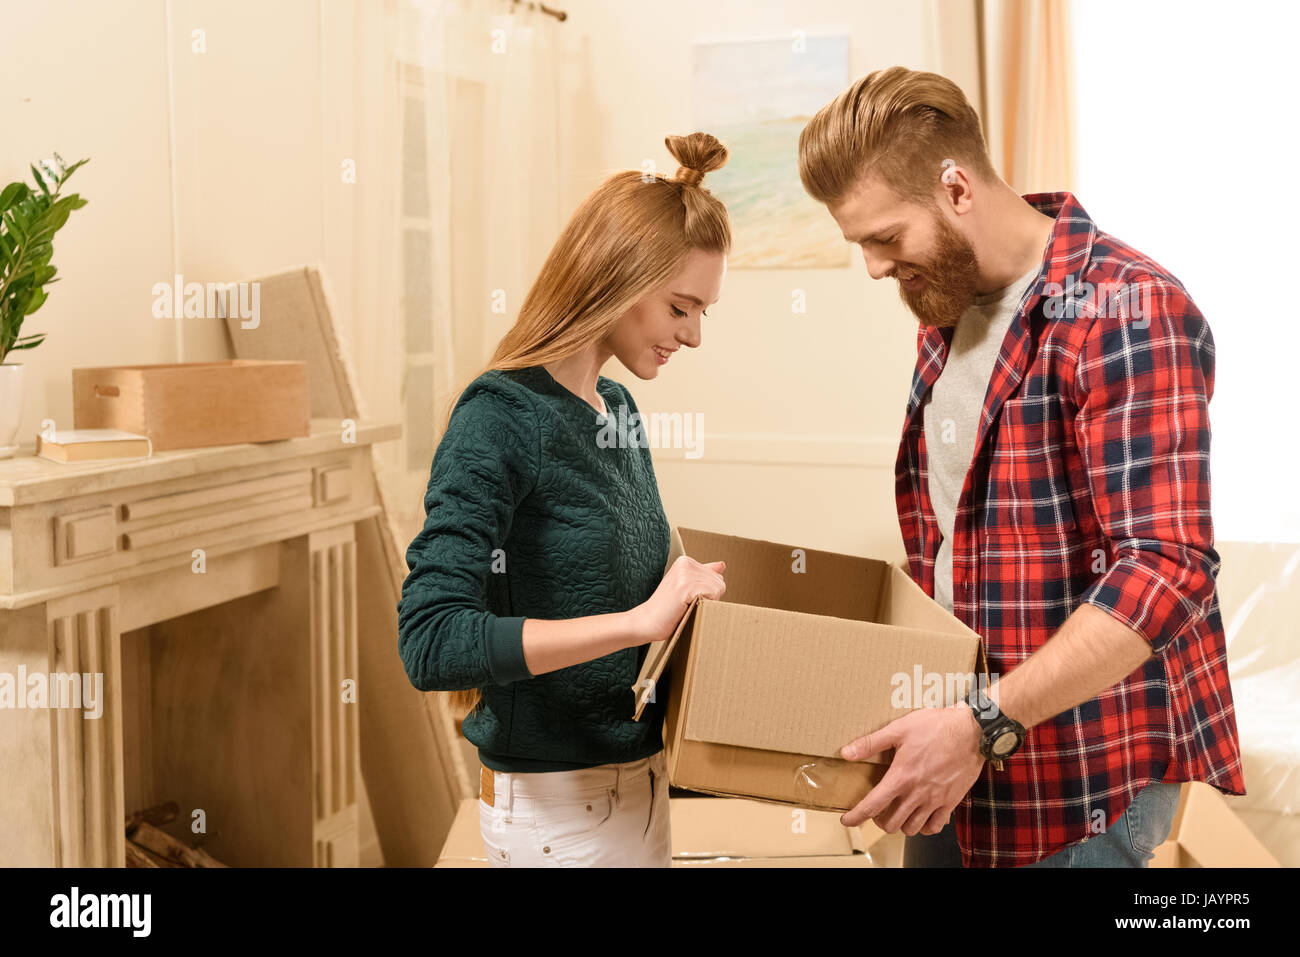 Seitenansicht des jungen Paar auf der Suche in Karton bei neuen Hause lächelnd Stockbild